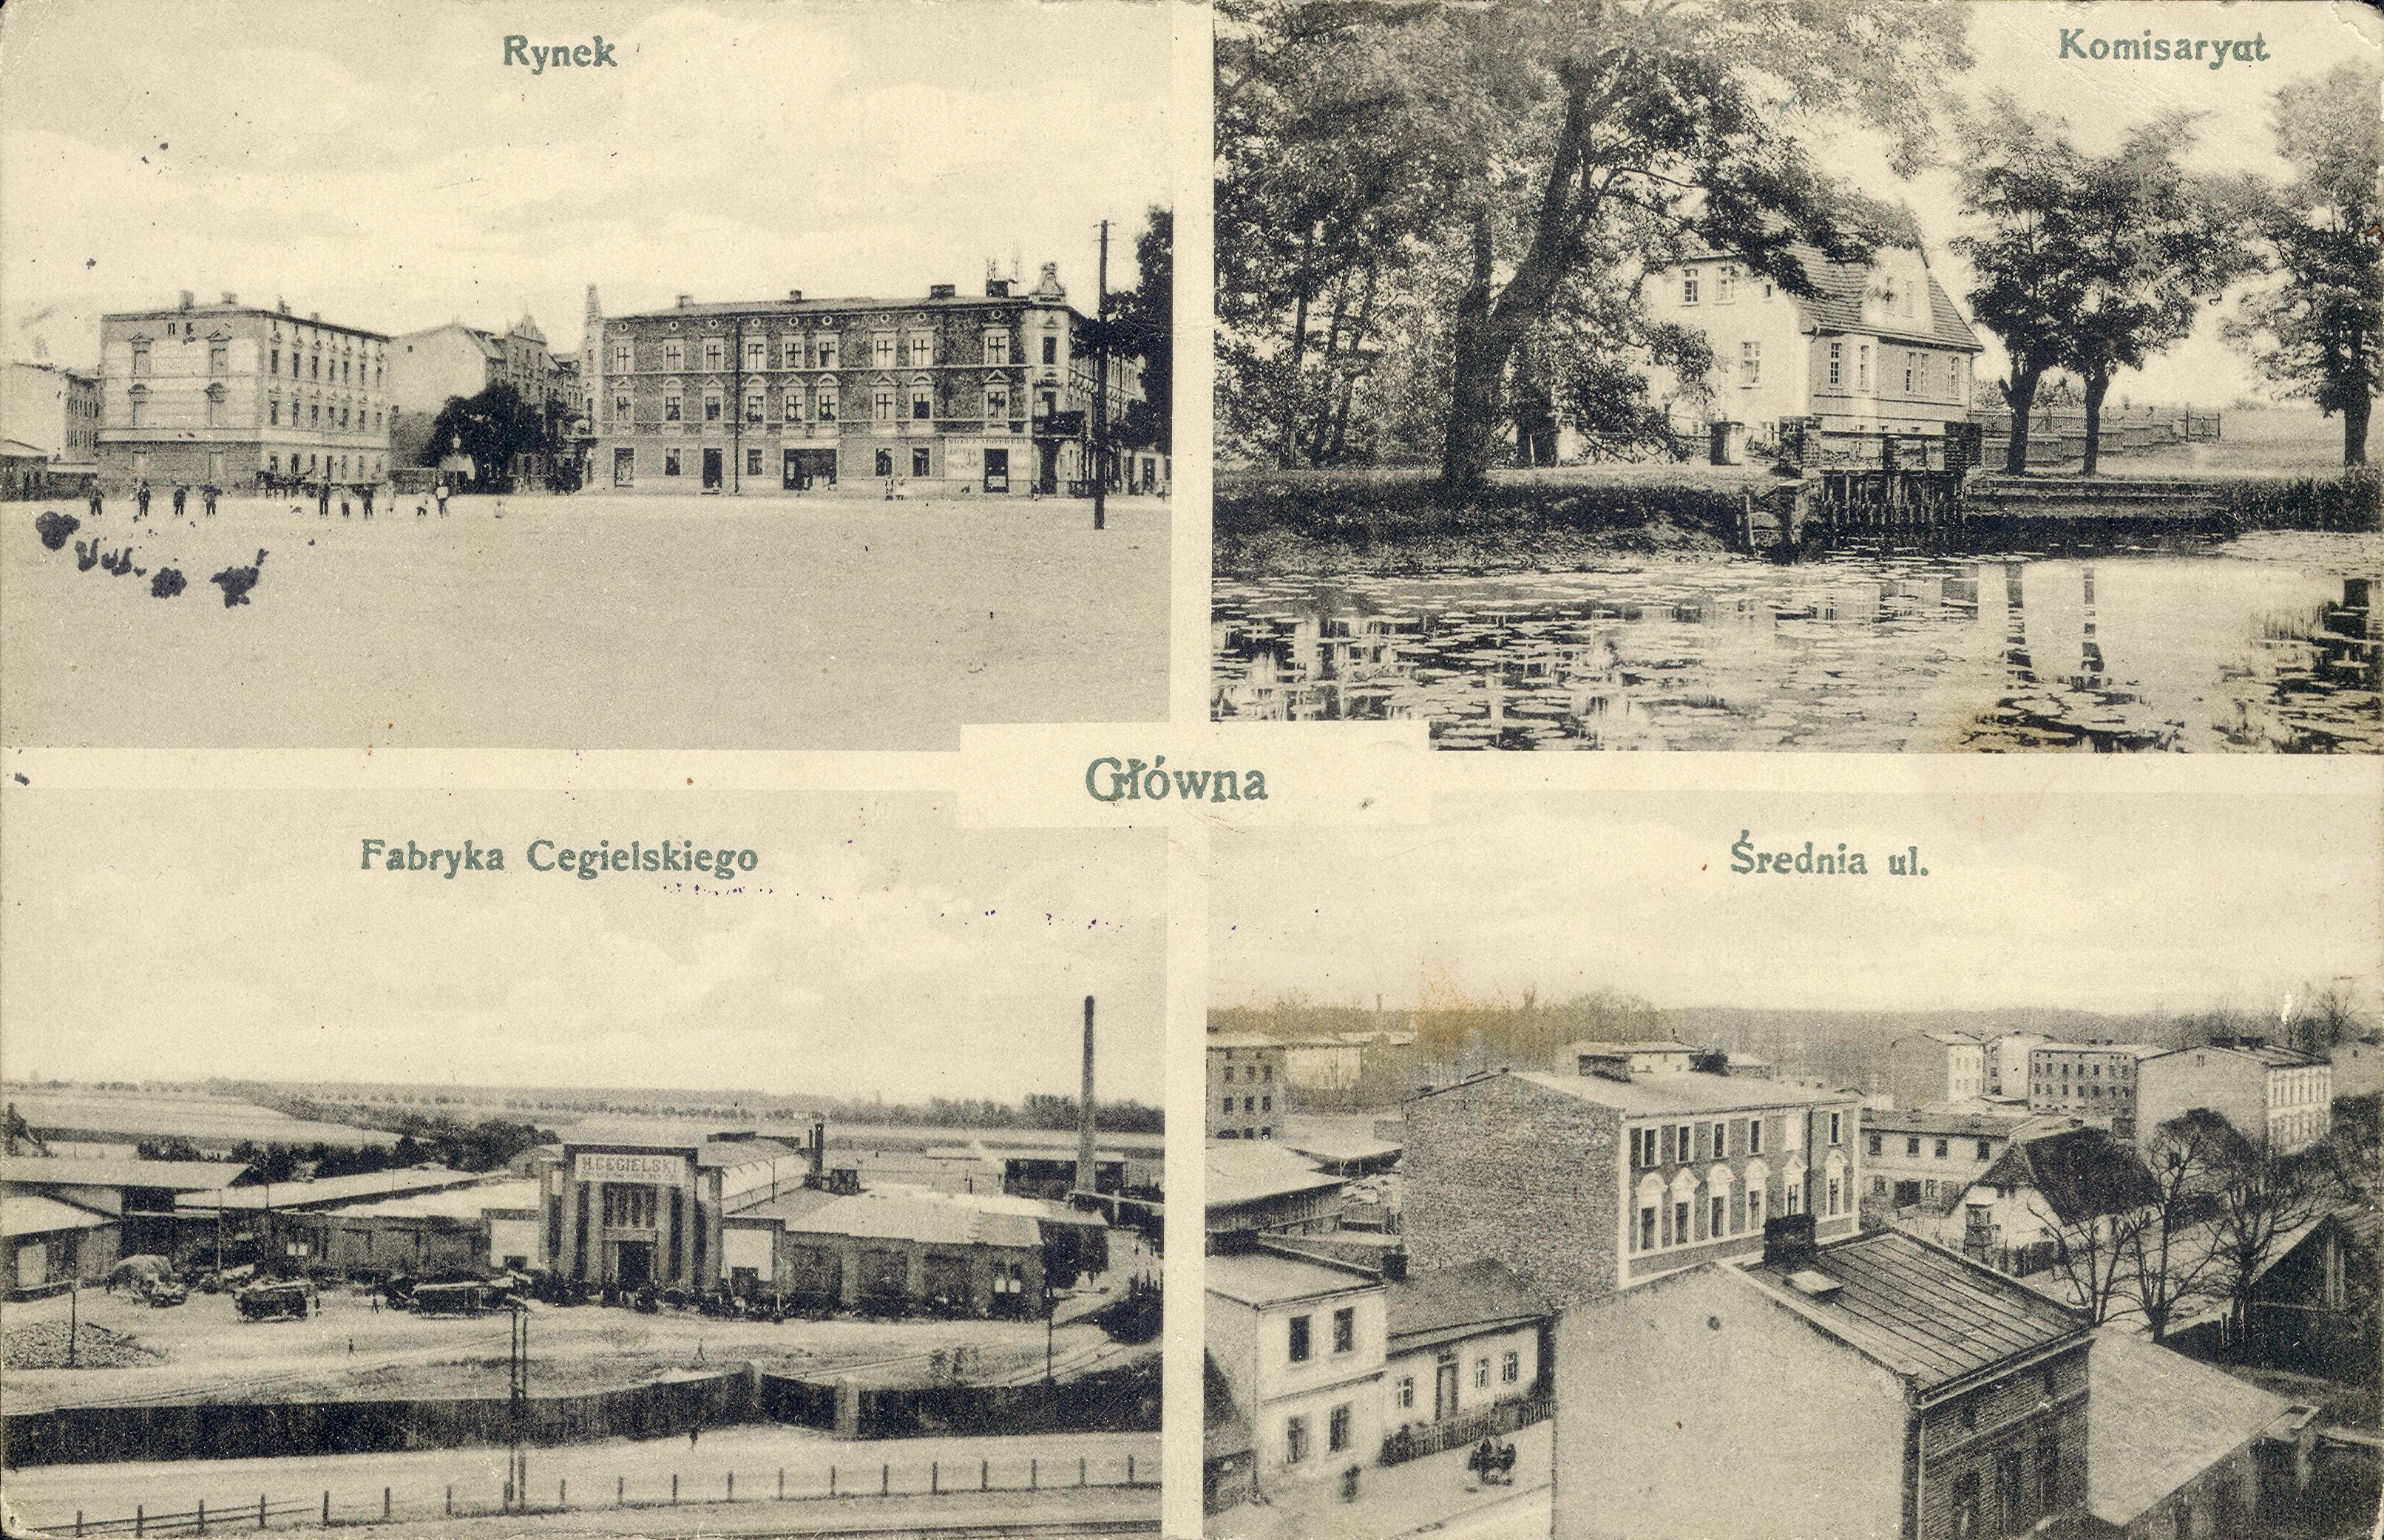 Główna. Czteroobrazkowa karta pocztowa z widokami Głównej